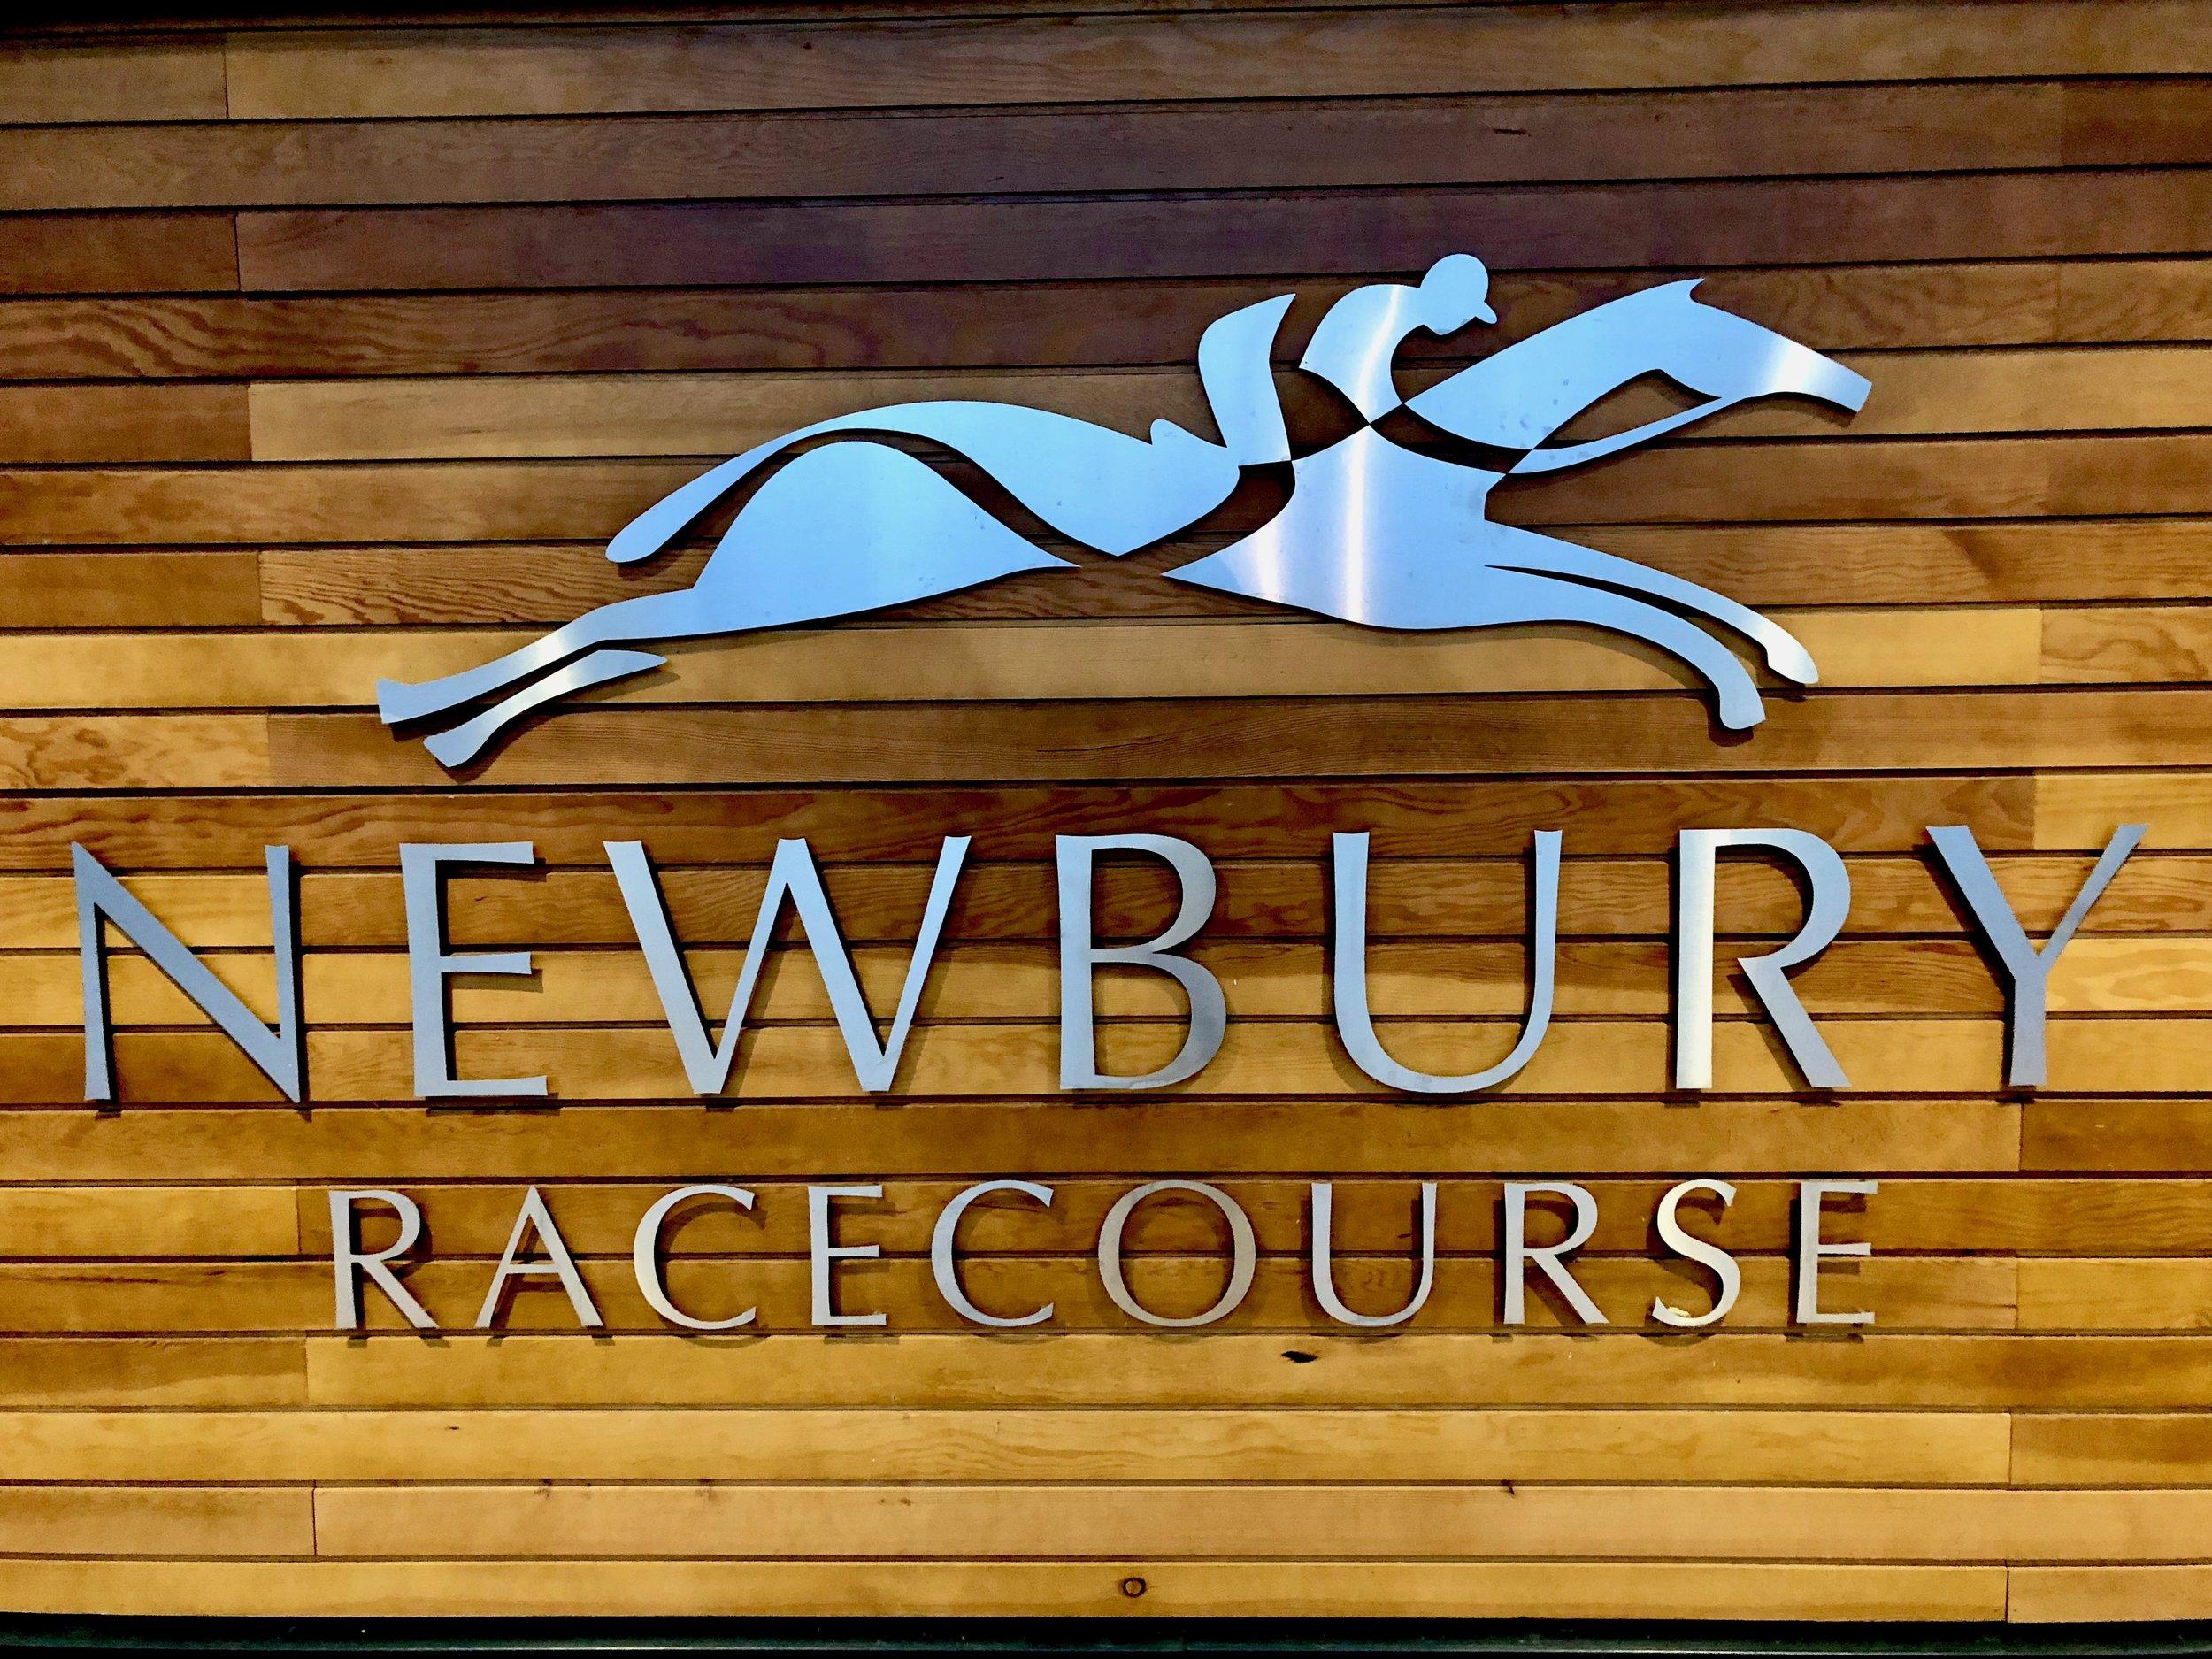 newburyracecoursesign.jpg